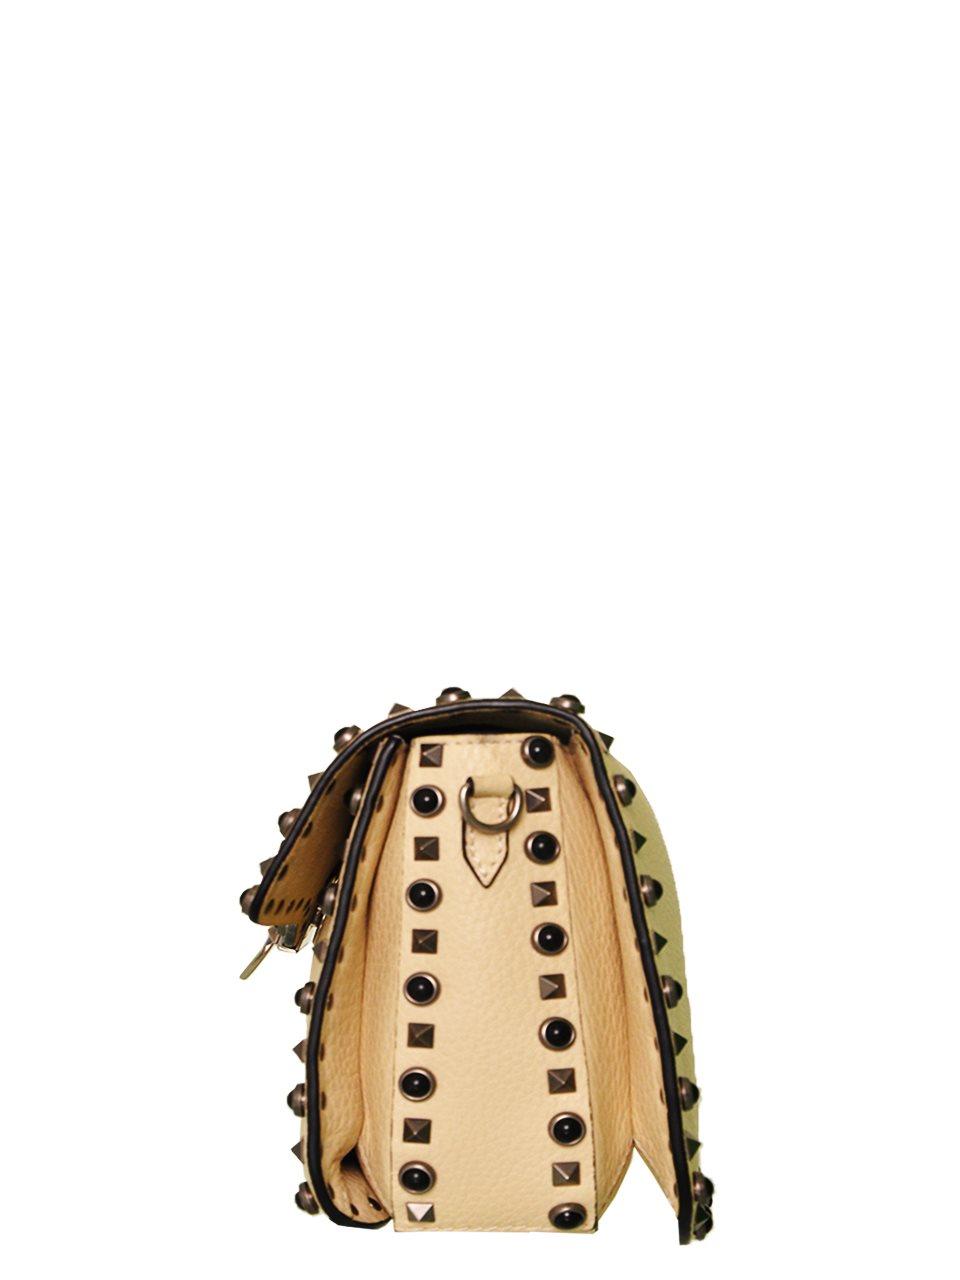 Valentino - Rockstud Butterfly Strap Leather Shoulder Bag - Image 3 of 6